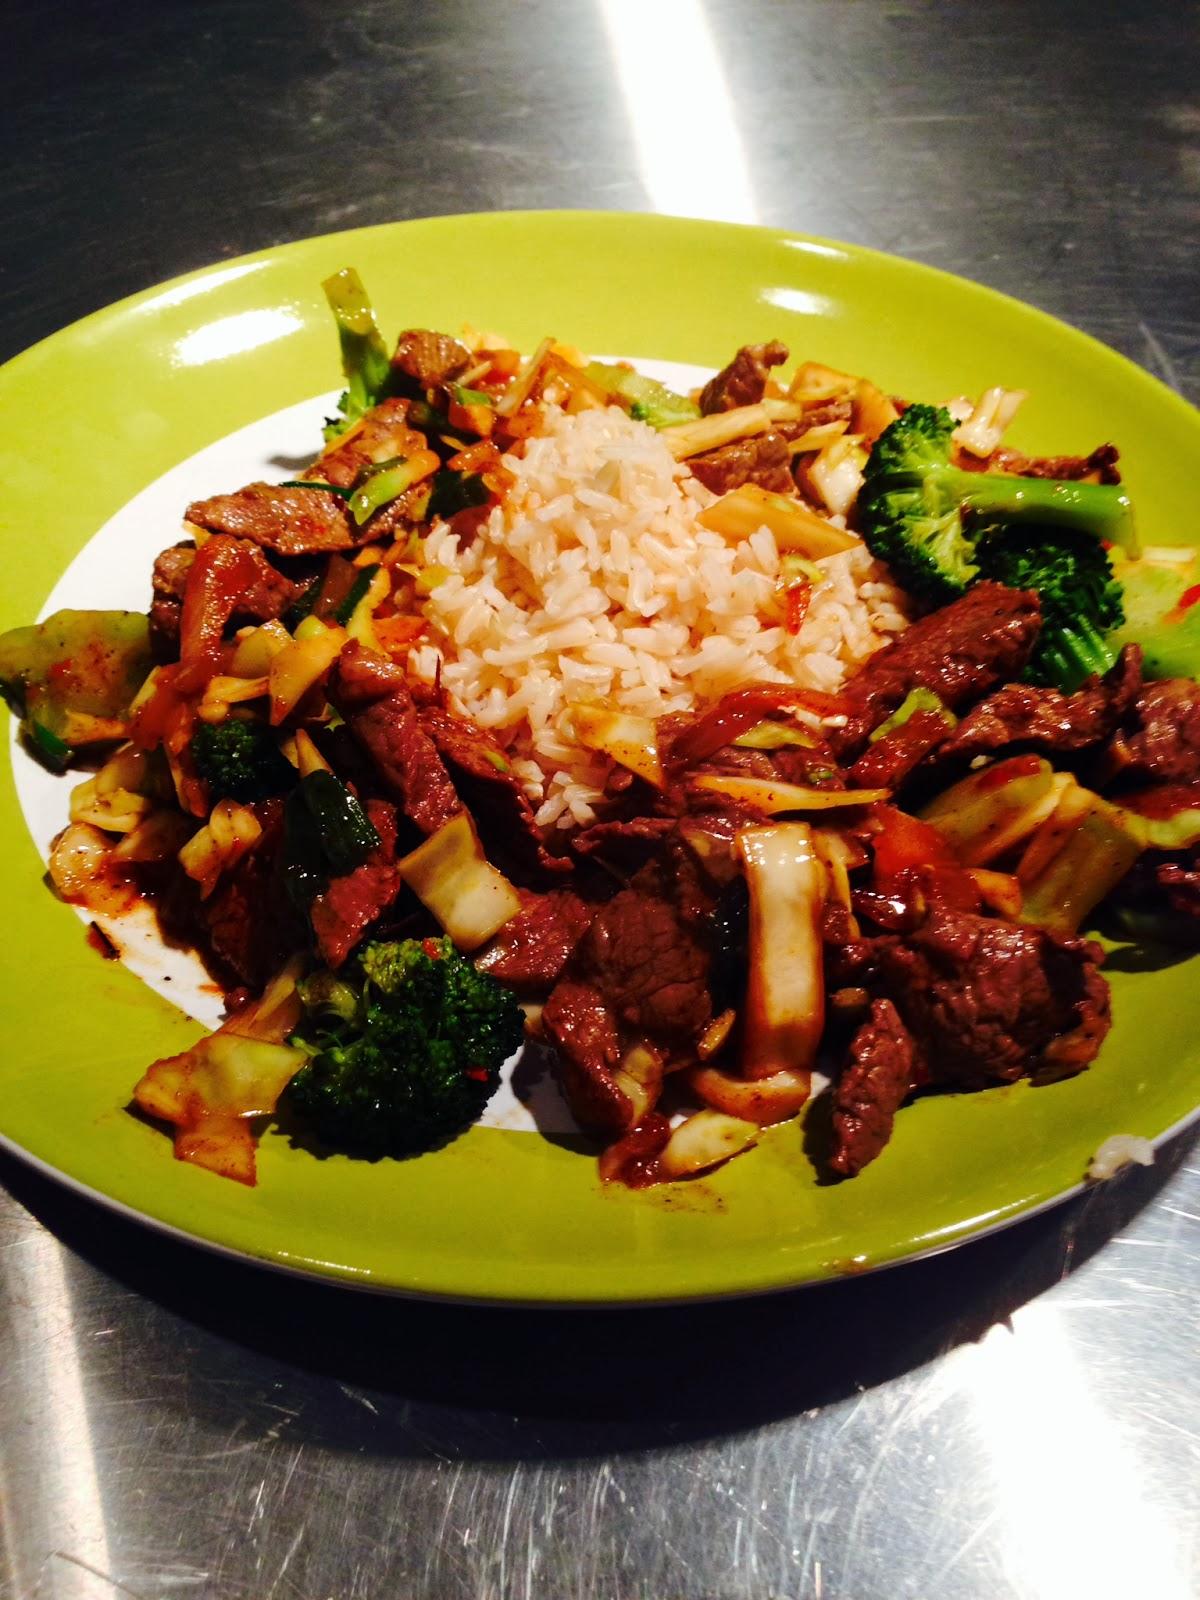 Weeknight Wonders by Ellie Krieger: Korean beef and broccoli stir-fry